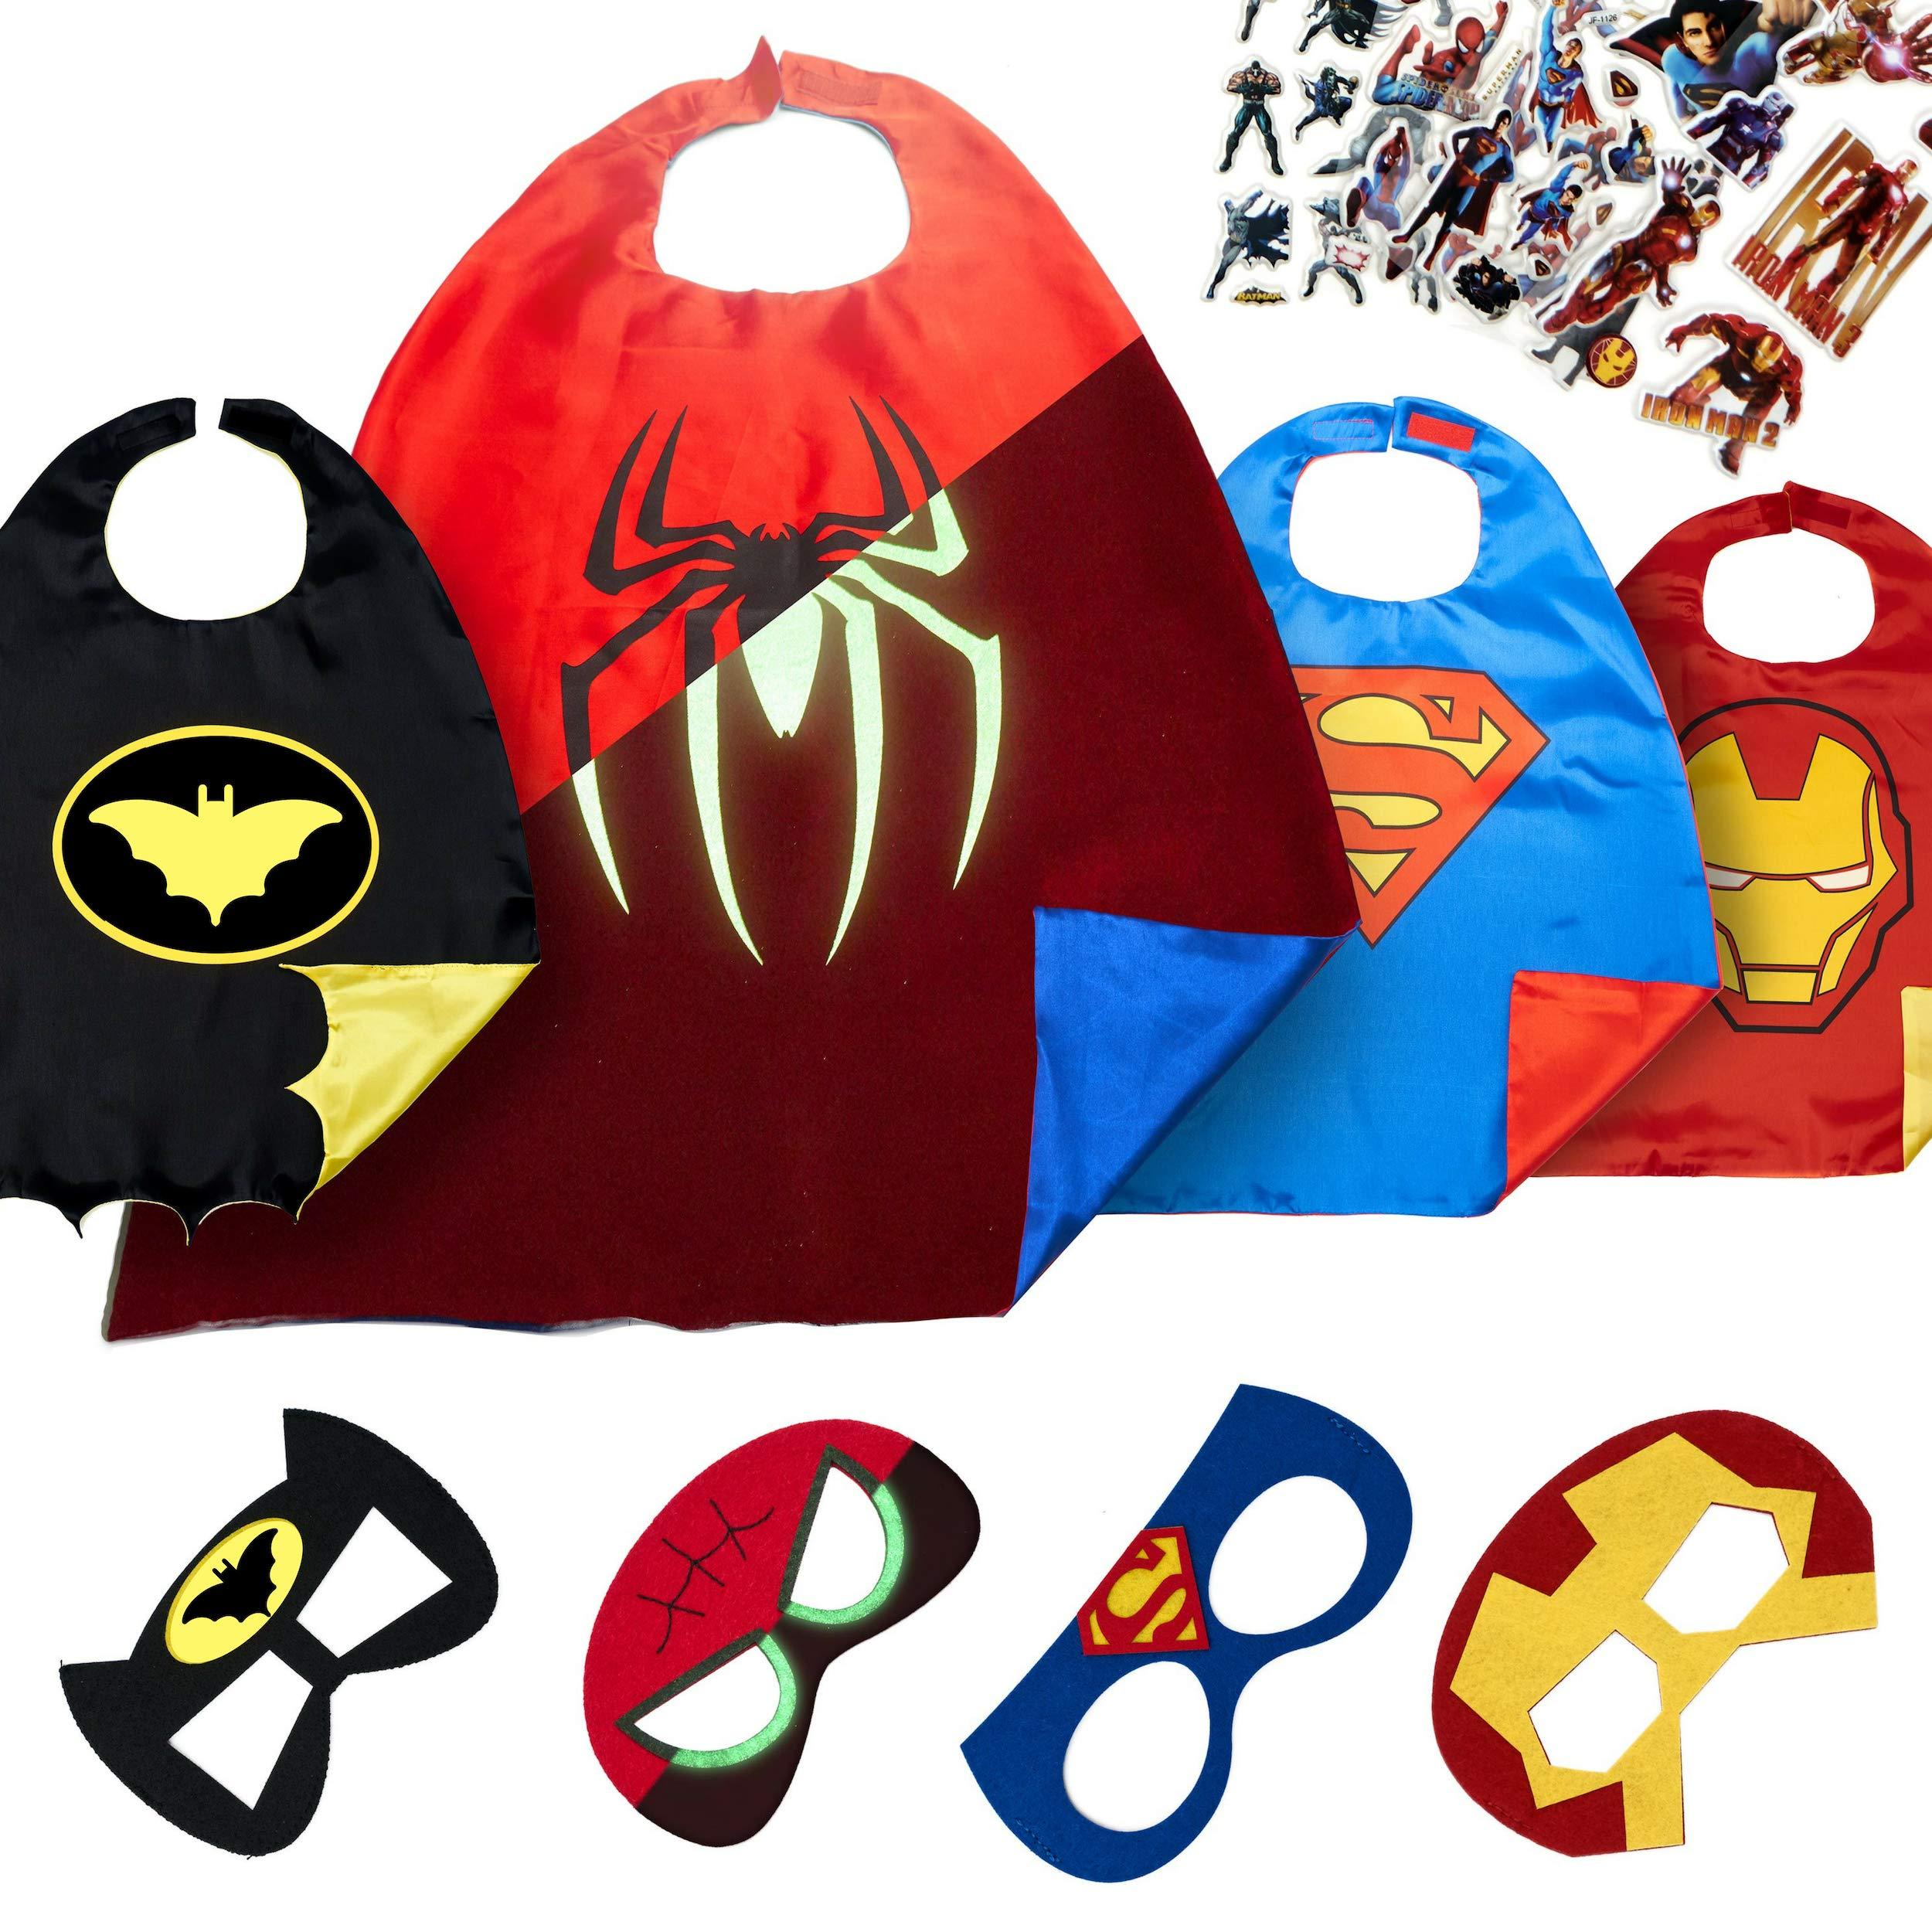 Costumes de Super Héros Enfants - Cadeaux d'anniversaire - 4 Deguisement Capes Masques – Jouets Filles Garçons Logo Spiderman Qui Brille dans Le Noir product image